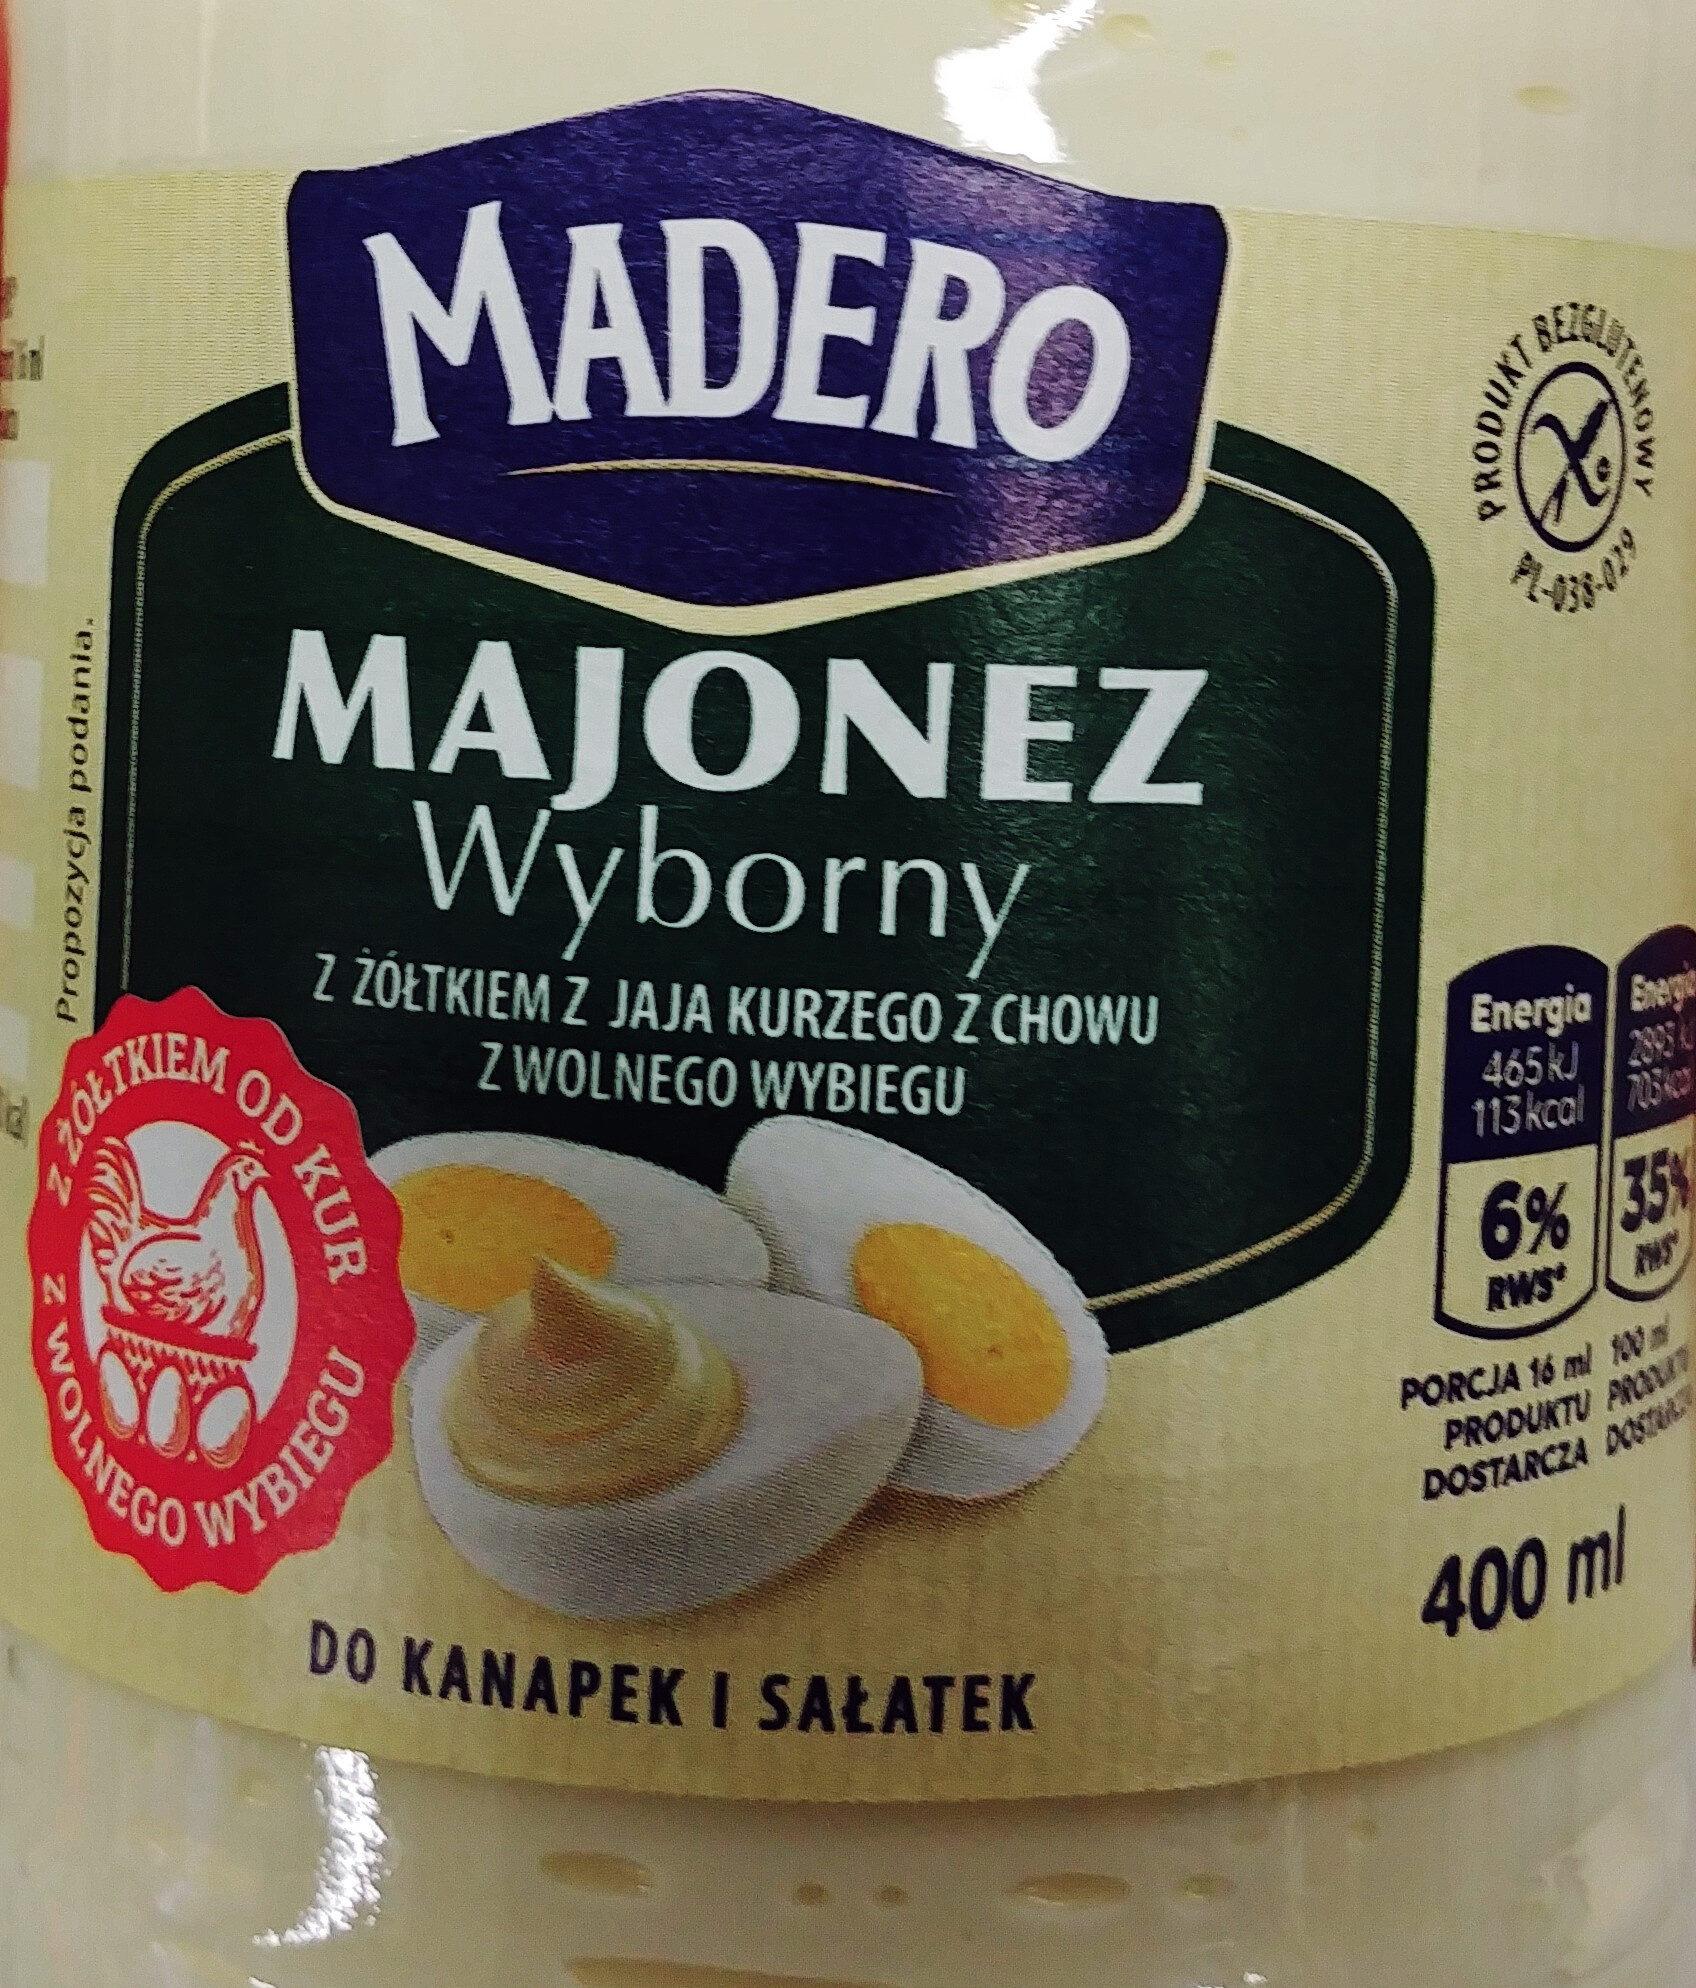 Majonez wyborny z żółtkiem z jaja kurzego z chowu z wolnego wybiegu - Produit - pl